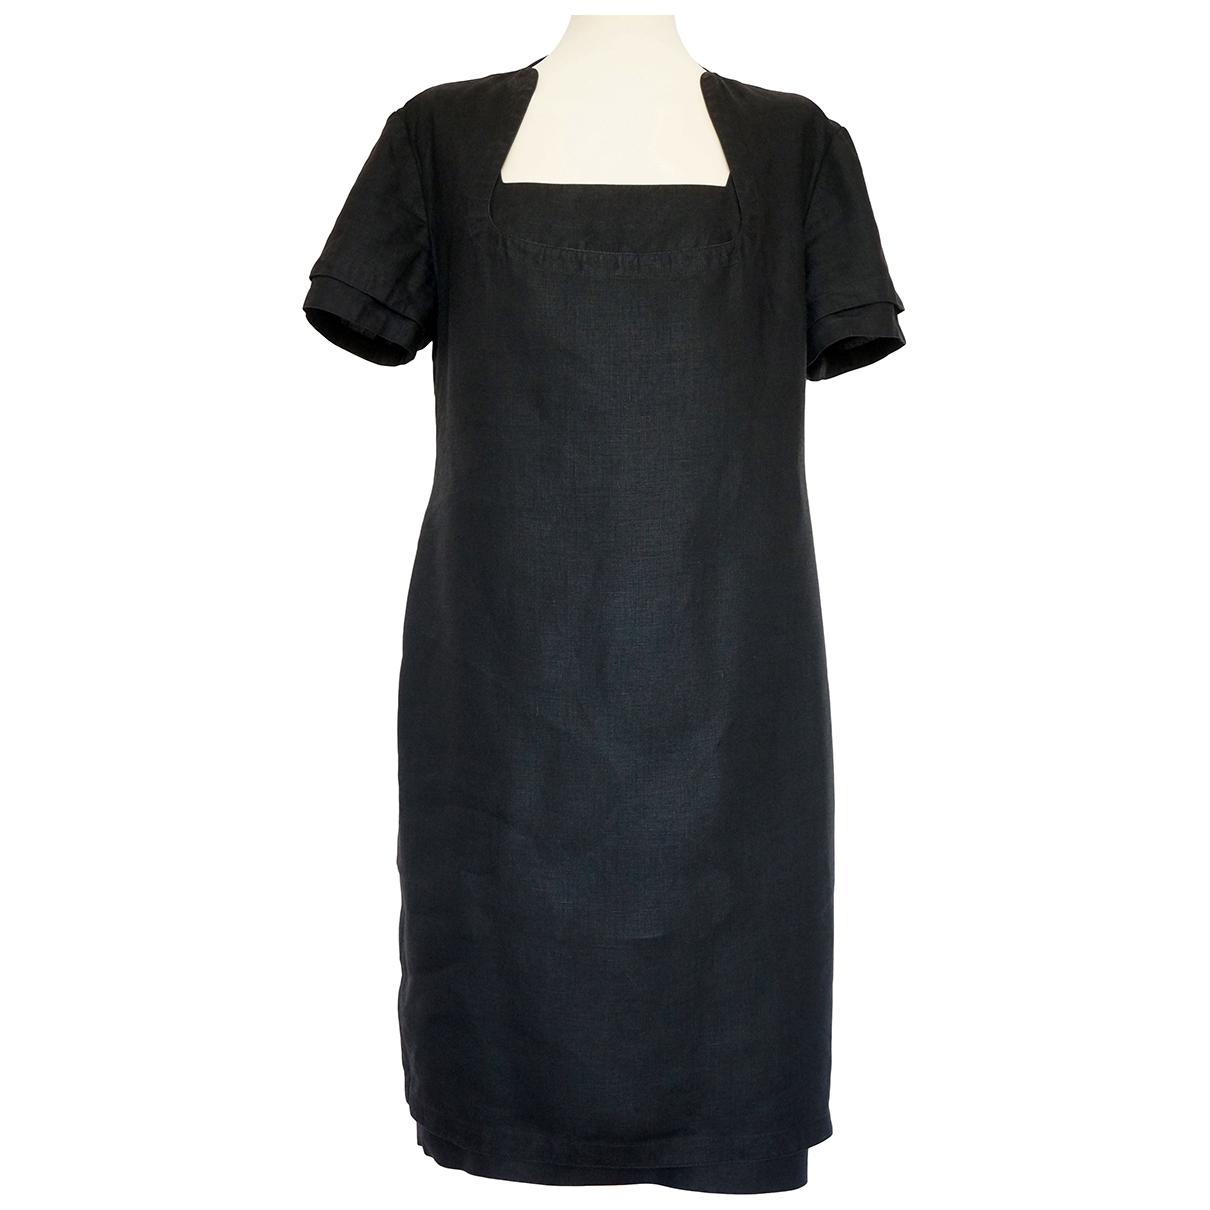 Gianni Versace \N Kleid in  Schwarz Leinen